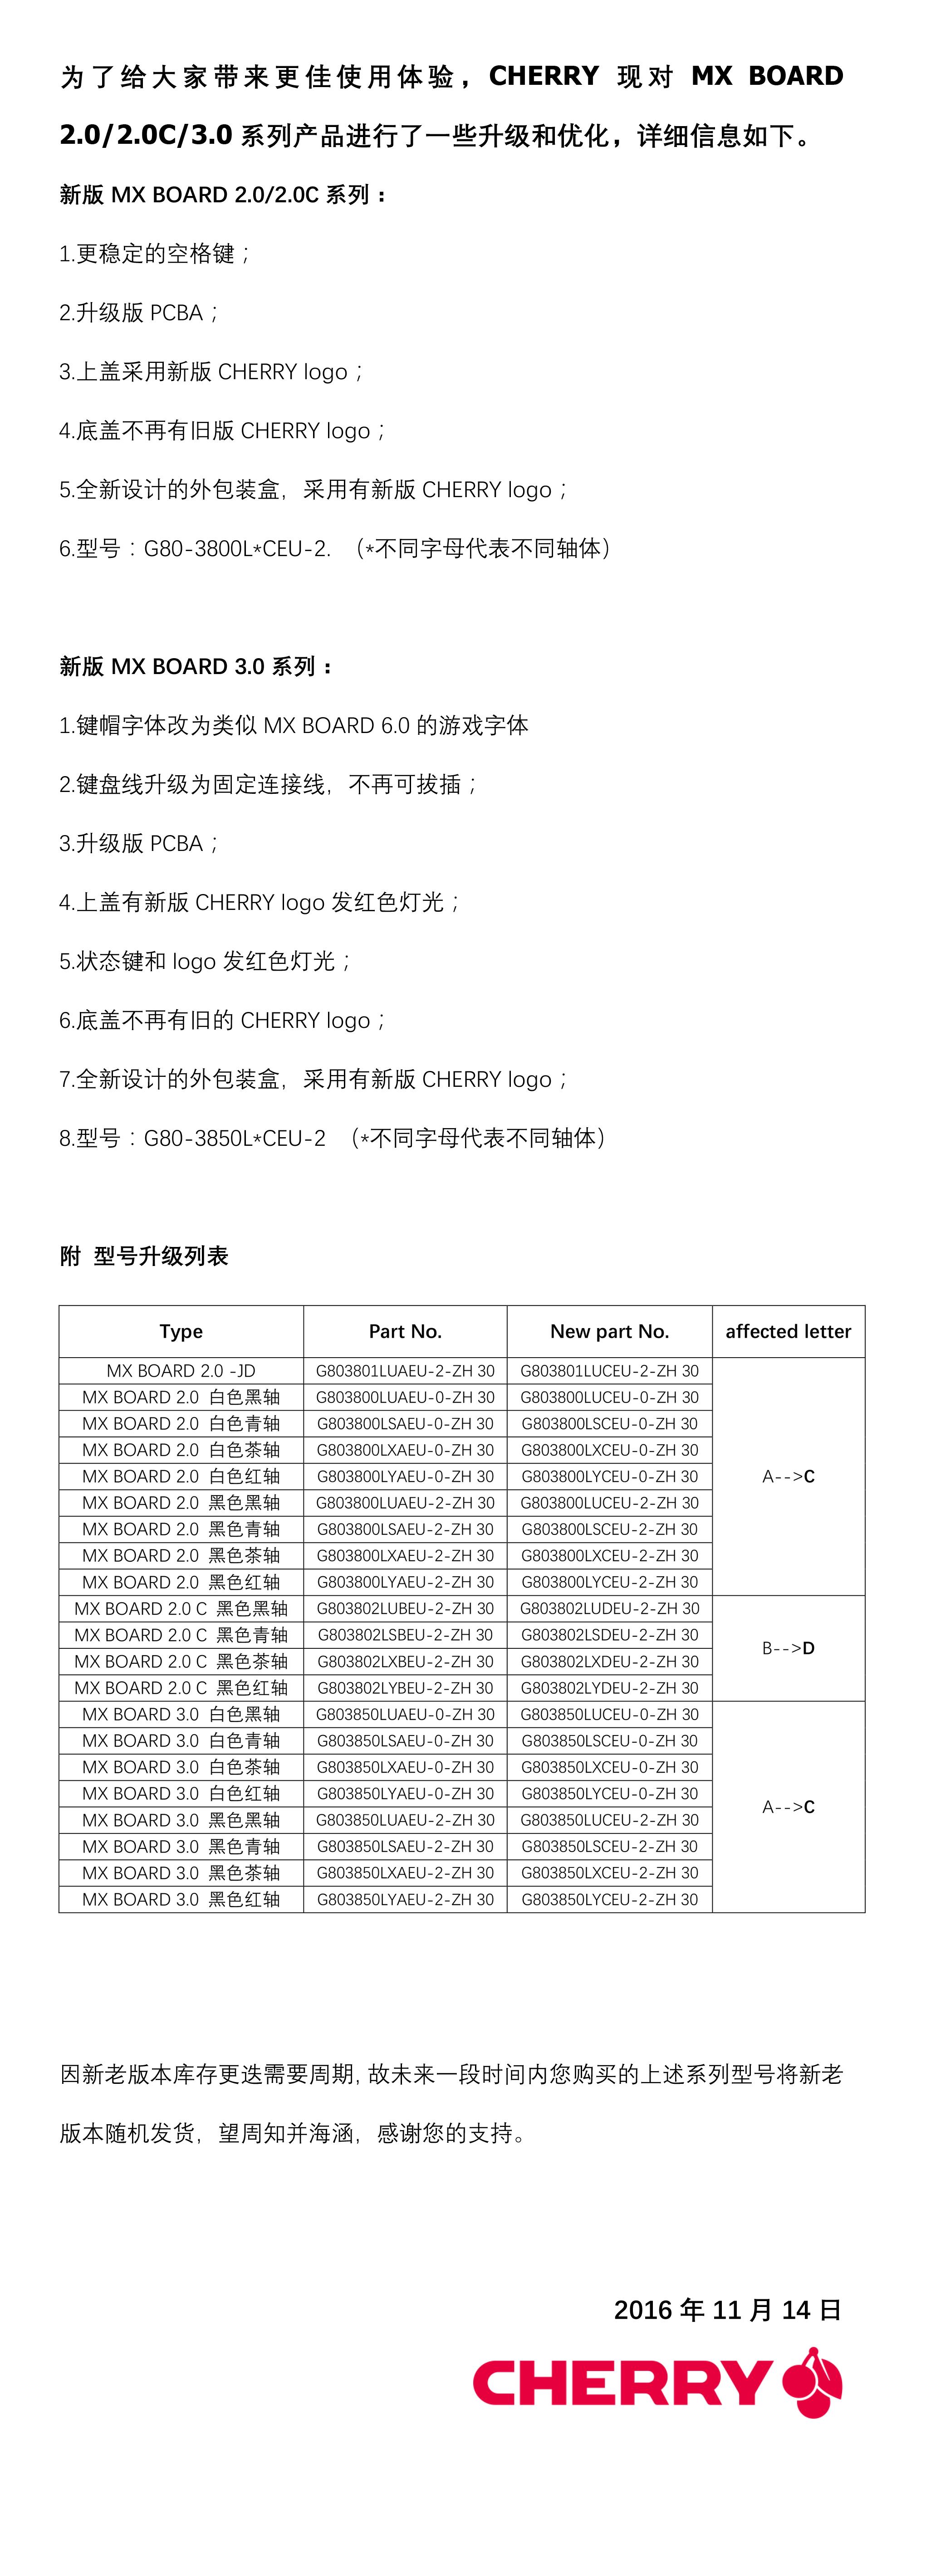 2.0-3.0系列产品升级公告.jpg